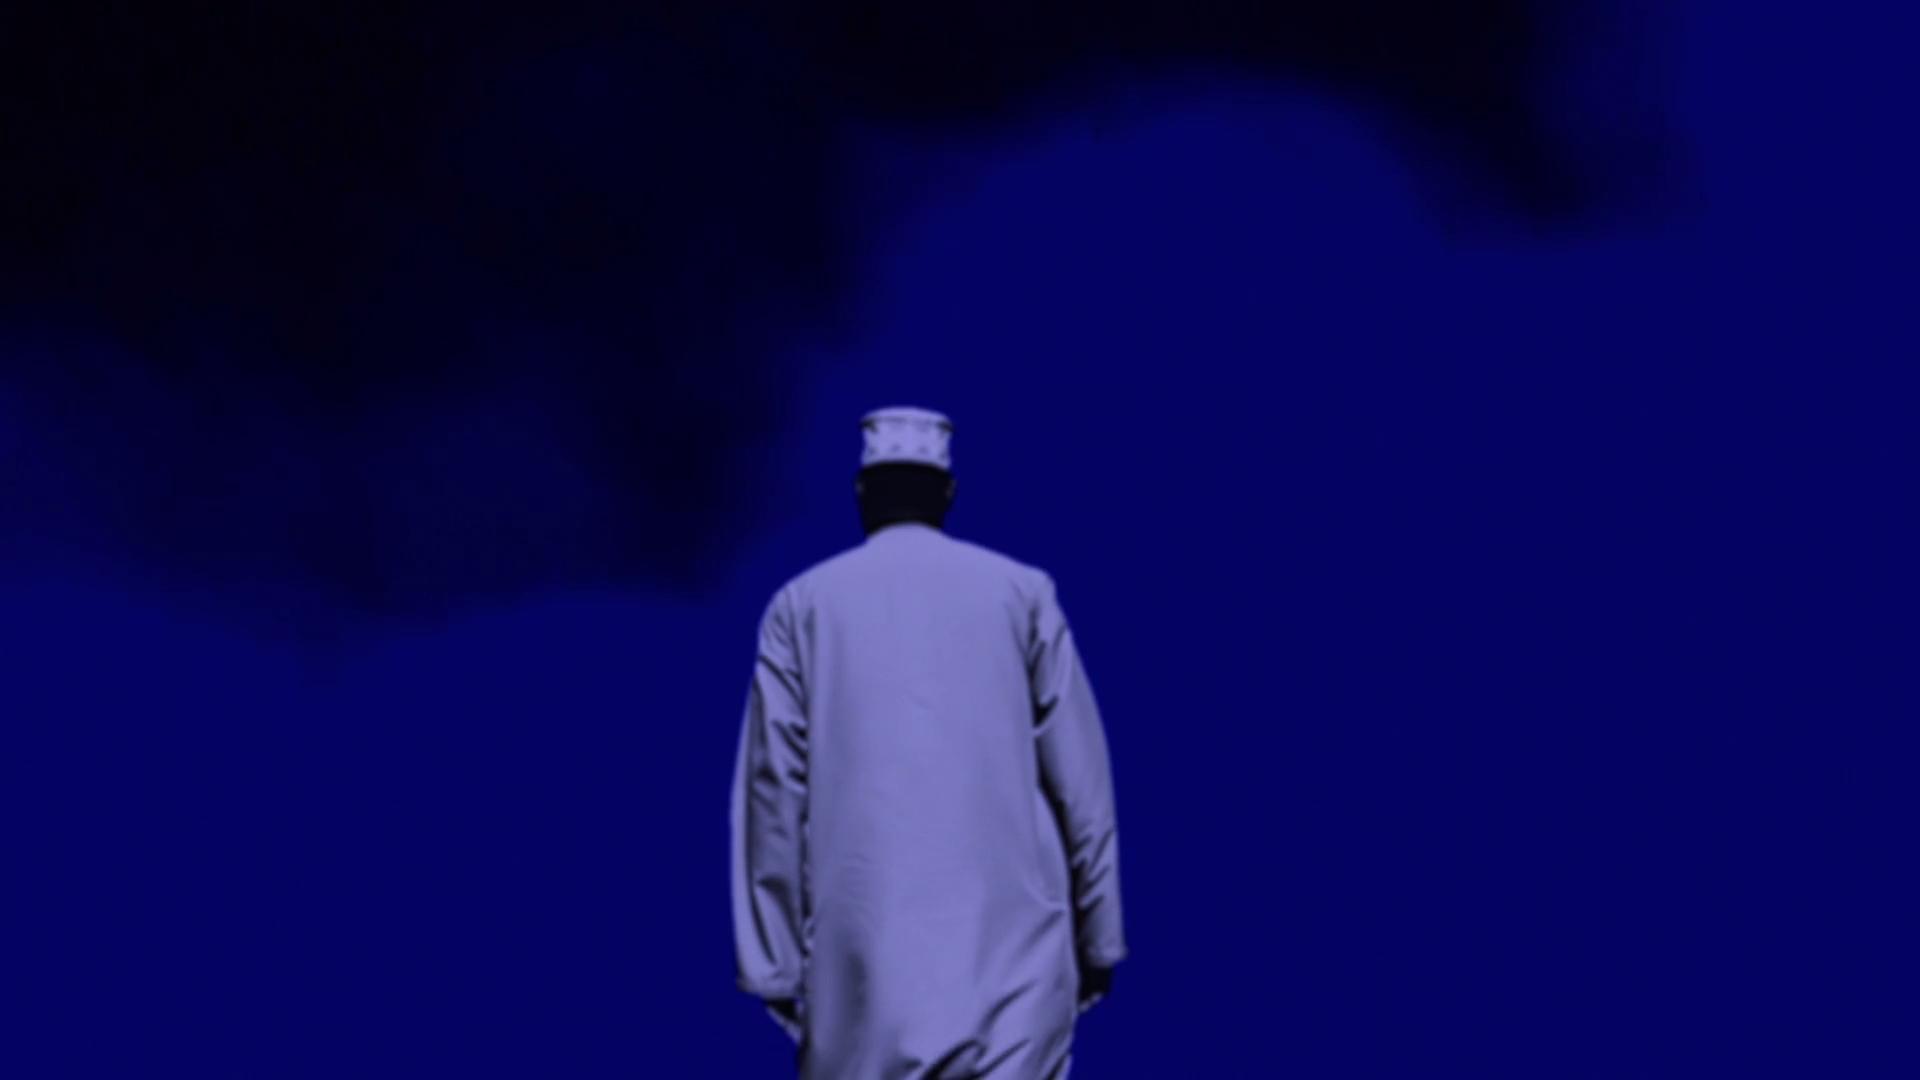 Zahed S - Hiwar (Oman) - Video Thumbnail.png